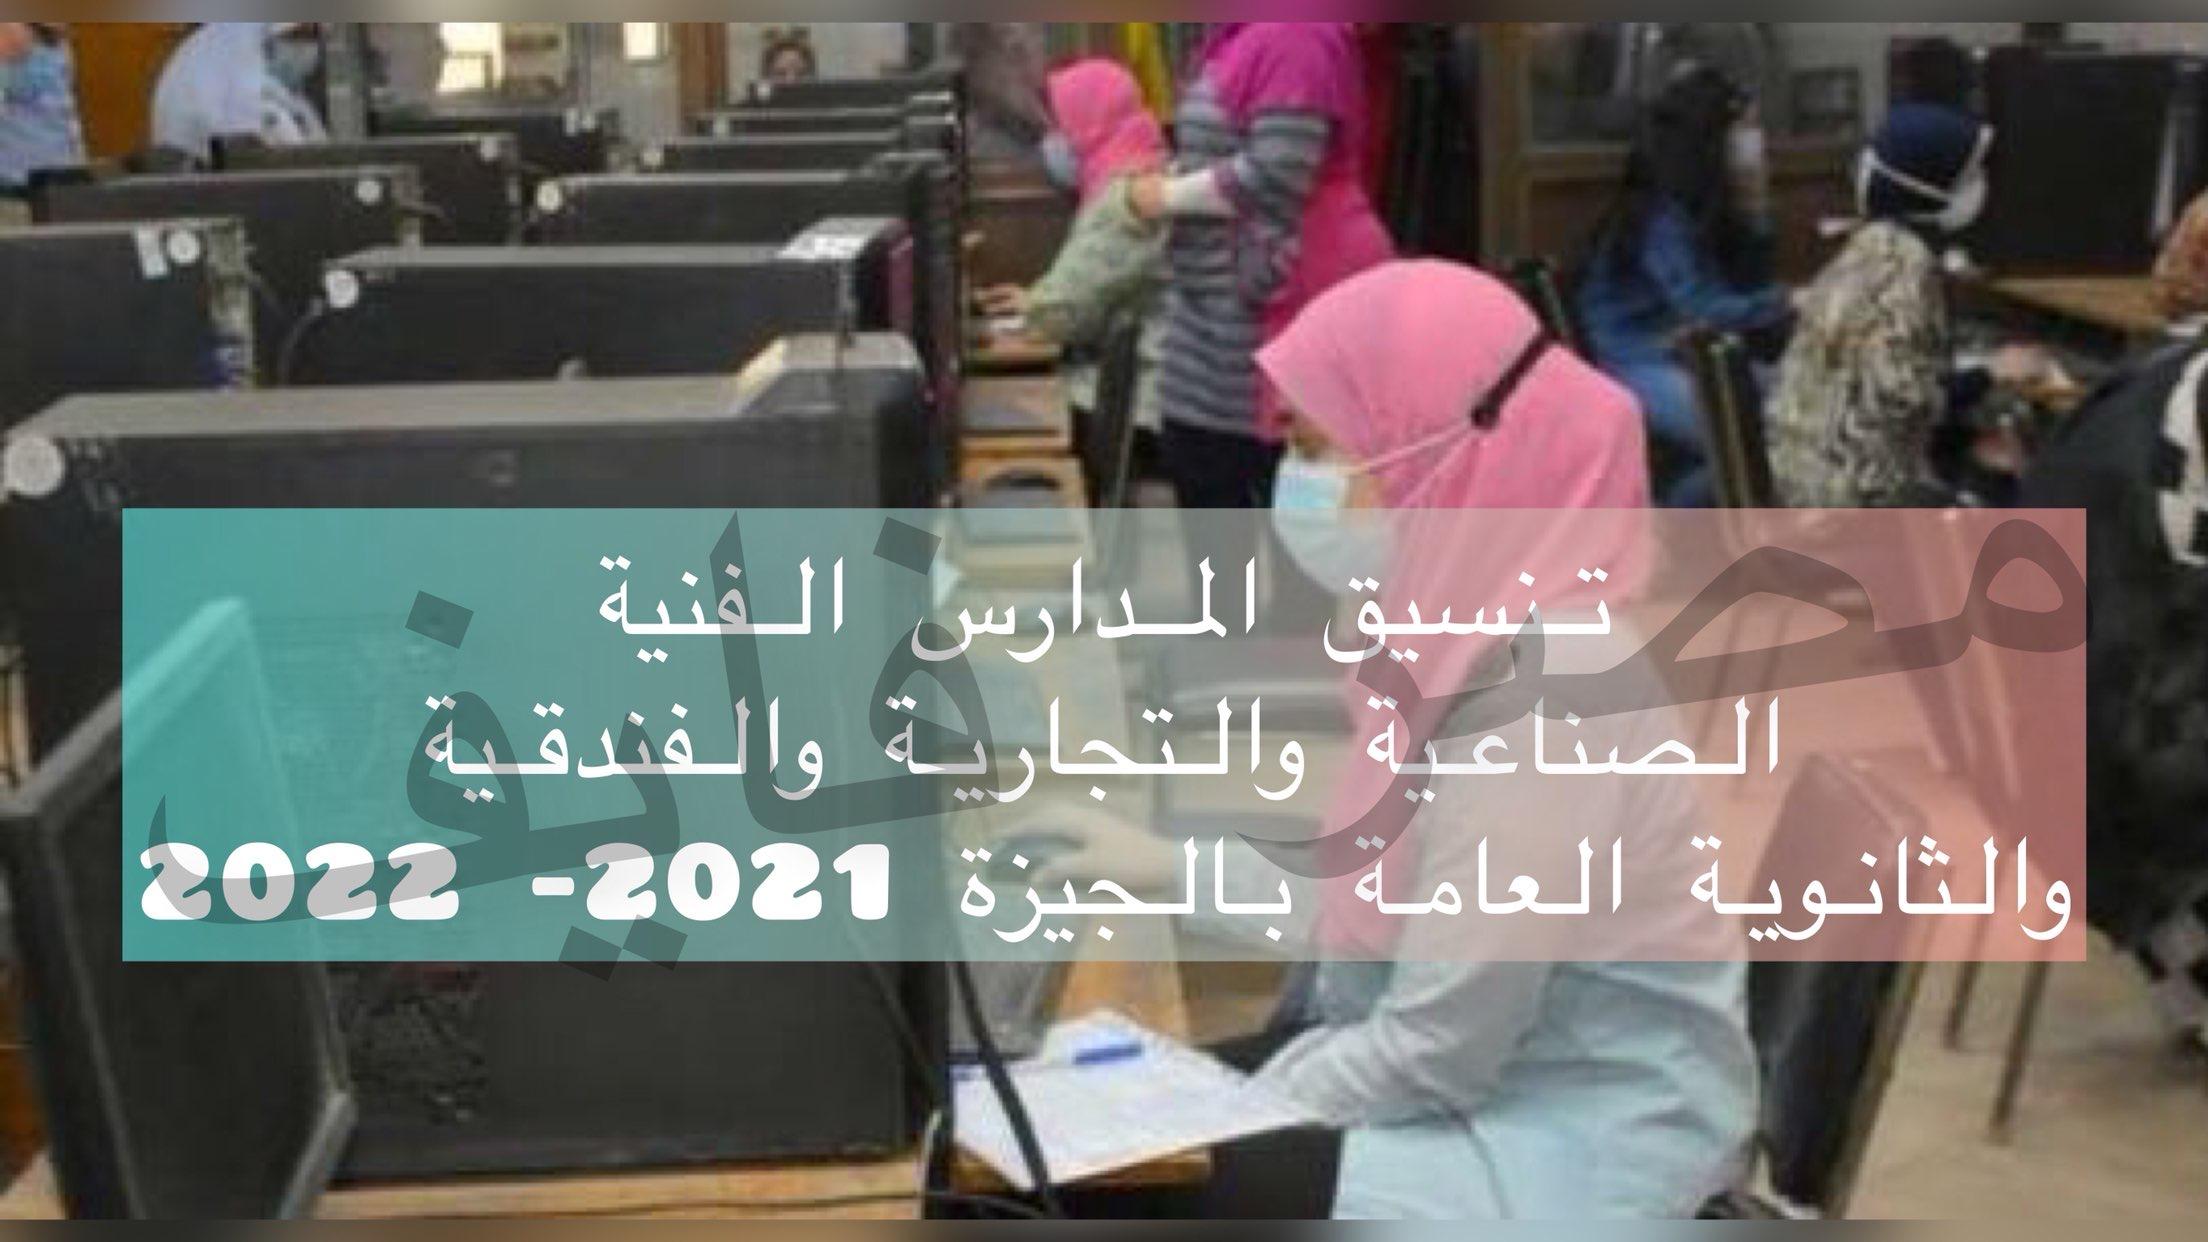 هنا دليل تنسيق المدارس الفنية والثانوية العامة بالجيزة 2021- 2022